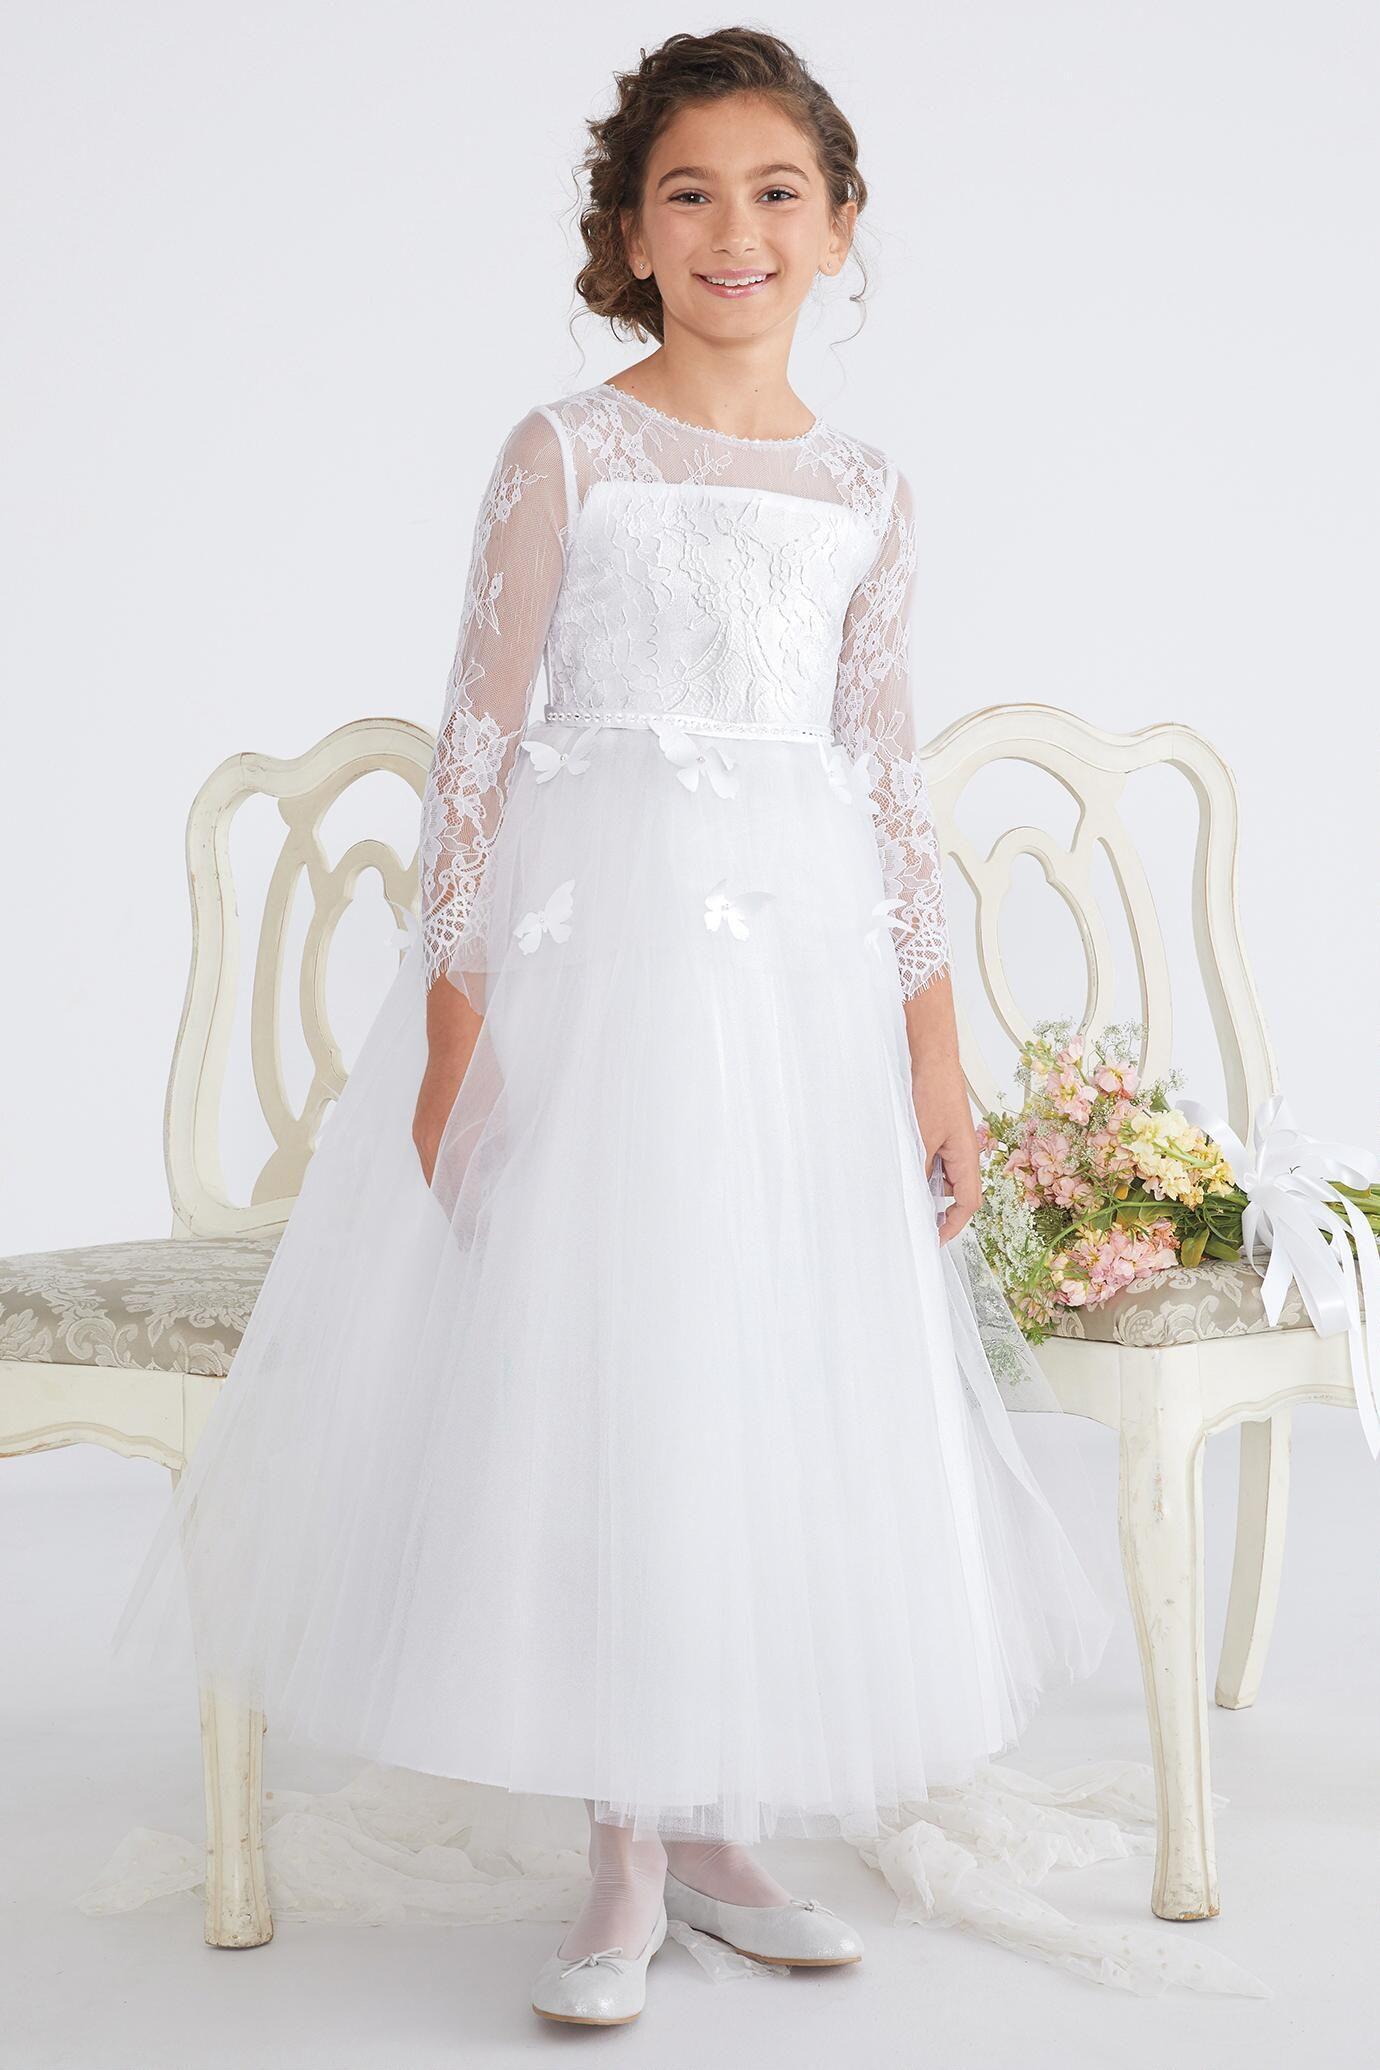 Girls Cloud Of Butterflies Dress Butterfly Dress White Butterfly Dress Dresses [ 2070 x 1380 Pixel ]